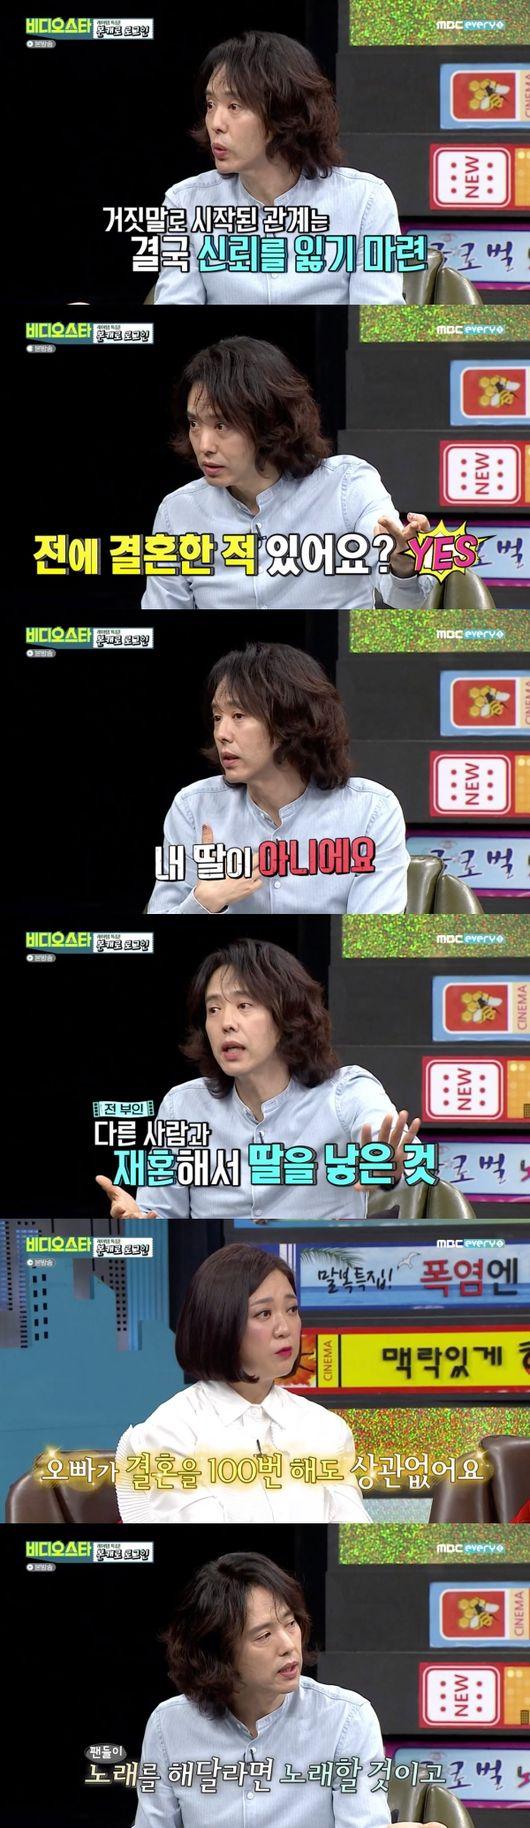 [단독] '비디오스타' PD ''양준일, 진심 잘 전해줘 고맙다고...'' (인터뷰)